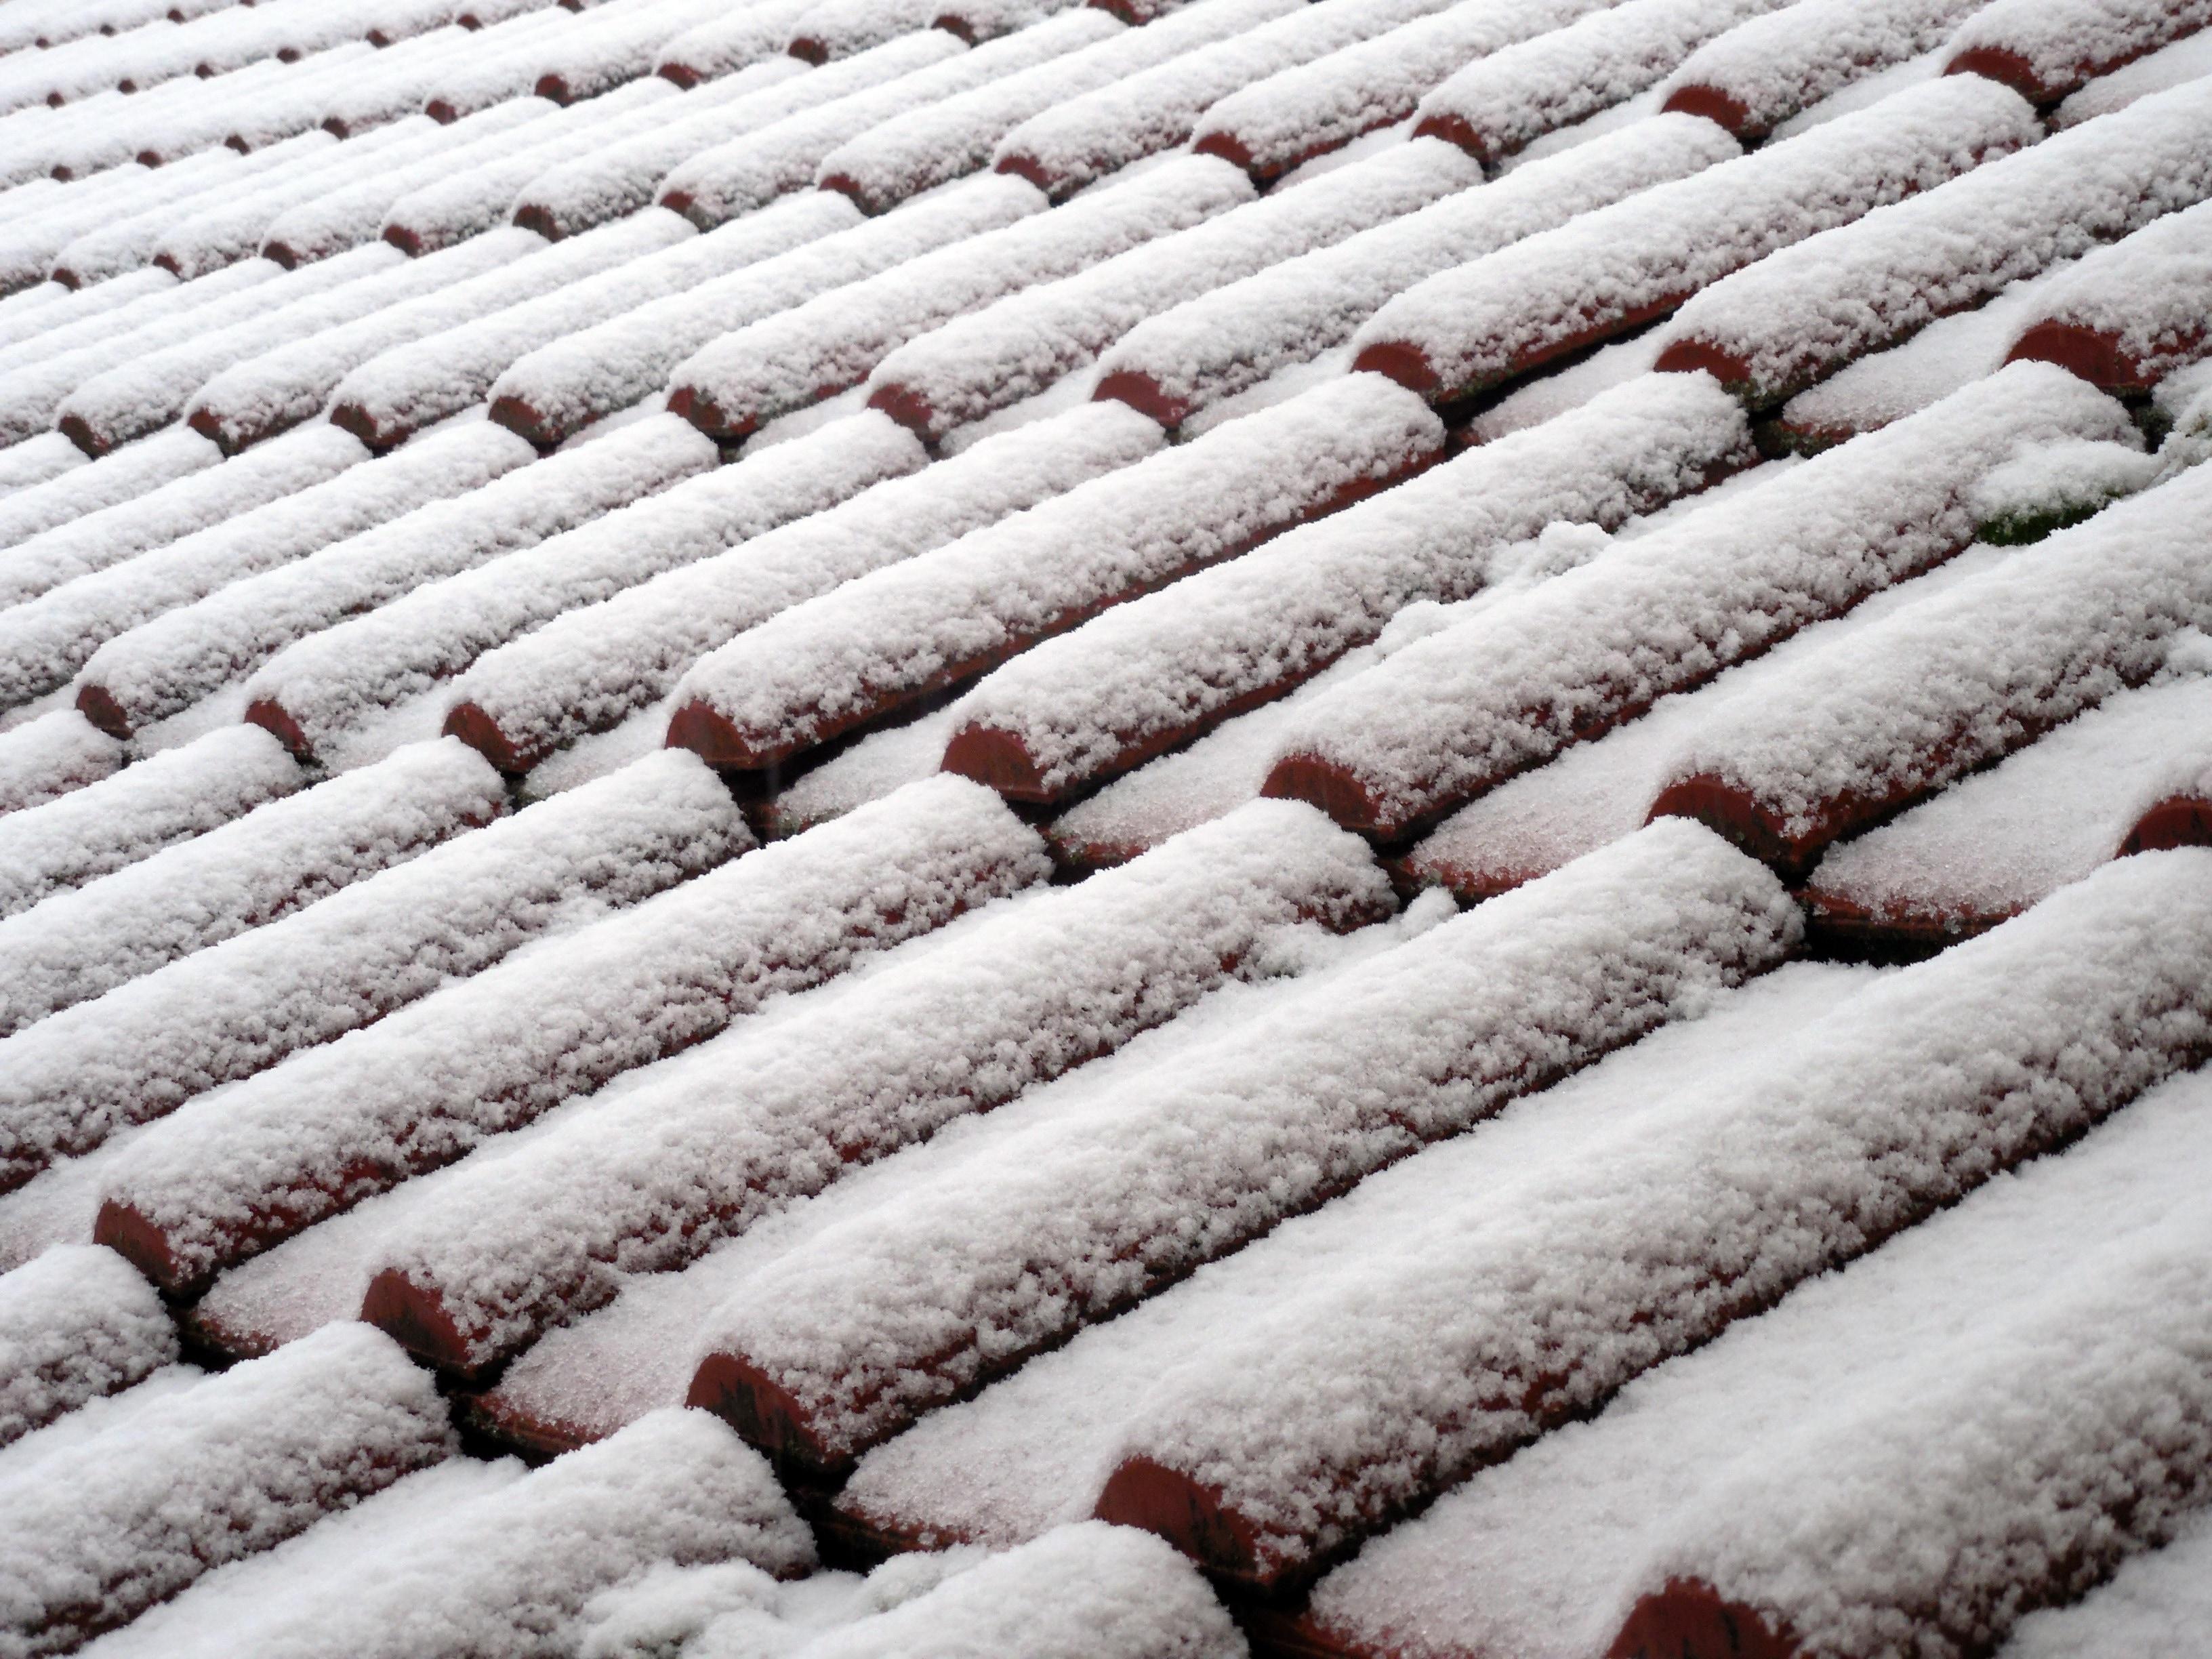 brown roof bricks image Peakpx 3264x2448